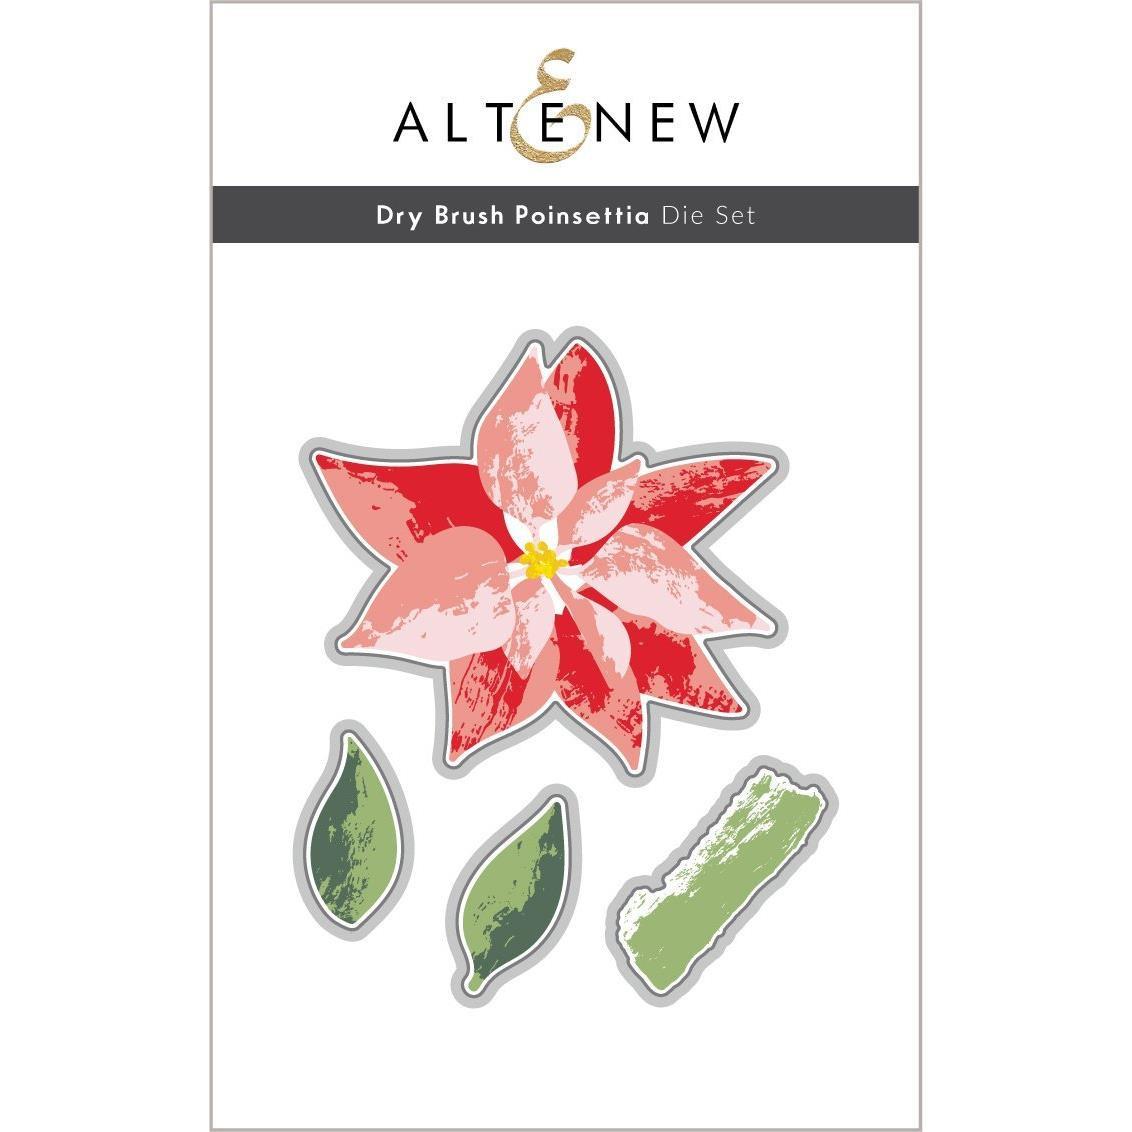 Dry Brush Poinsettia, Altenew Dies -